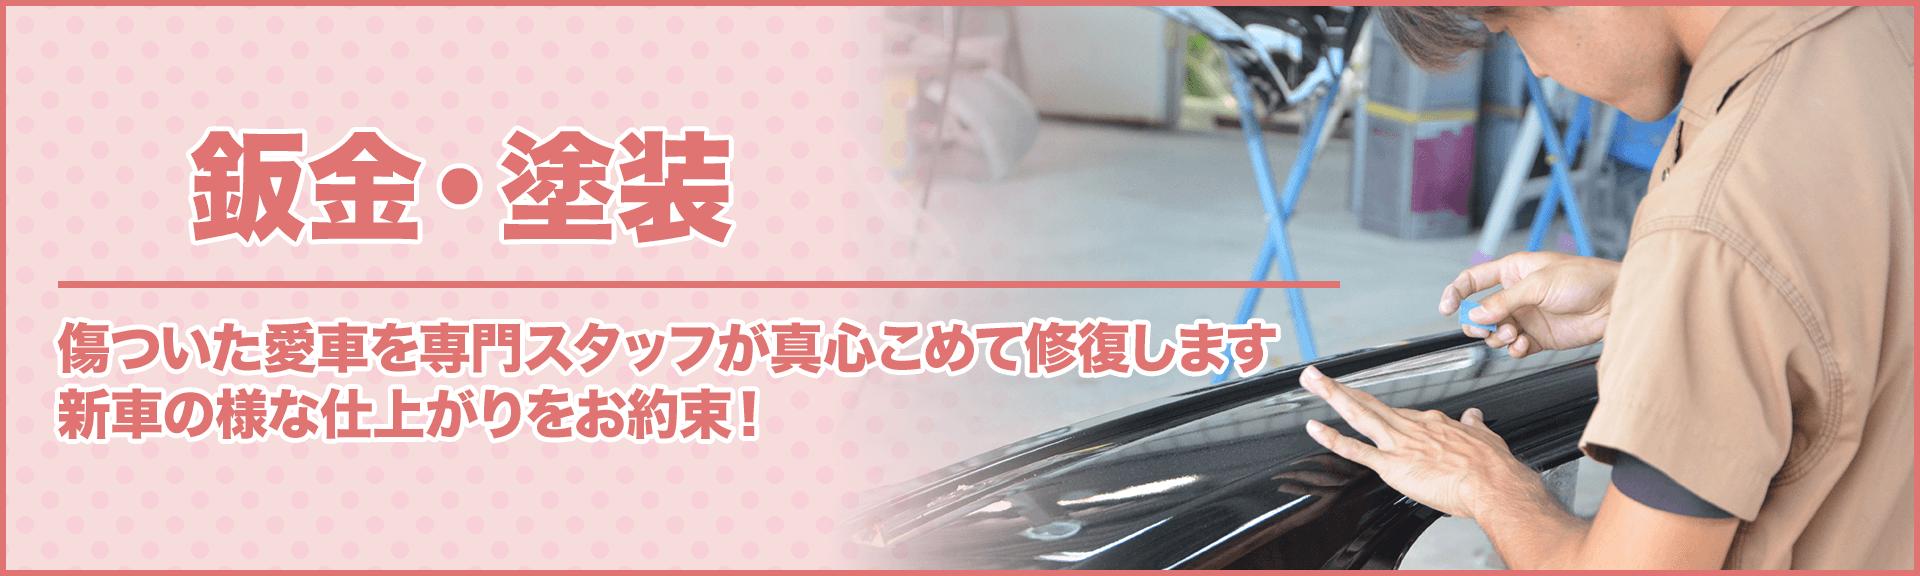 那覇近郊、南風原町で愛車の板金塗装は豊橋自動車へ!傷ついた愛車を専門スタッフが真心こめて修復します。新車のような仕上がりをお約束!